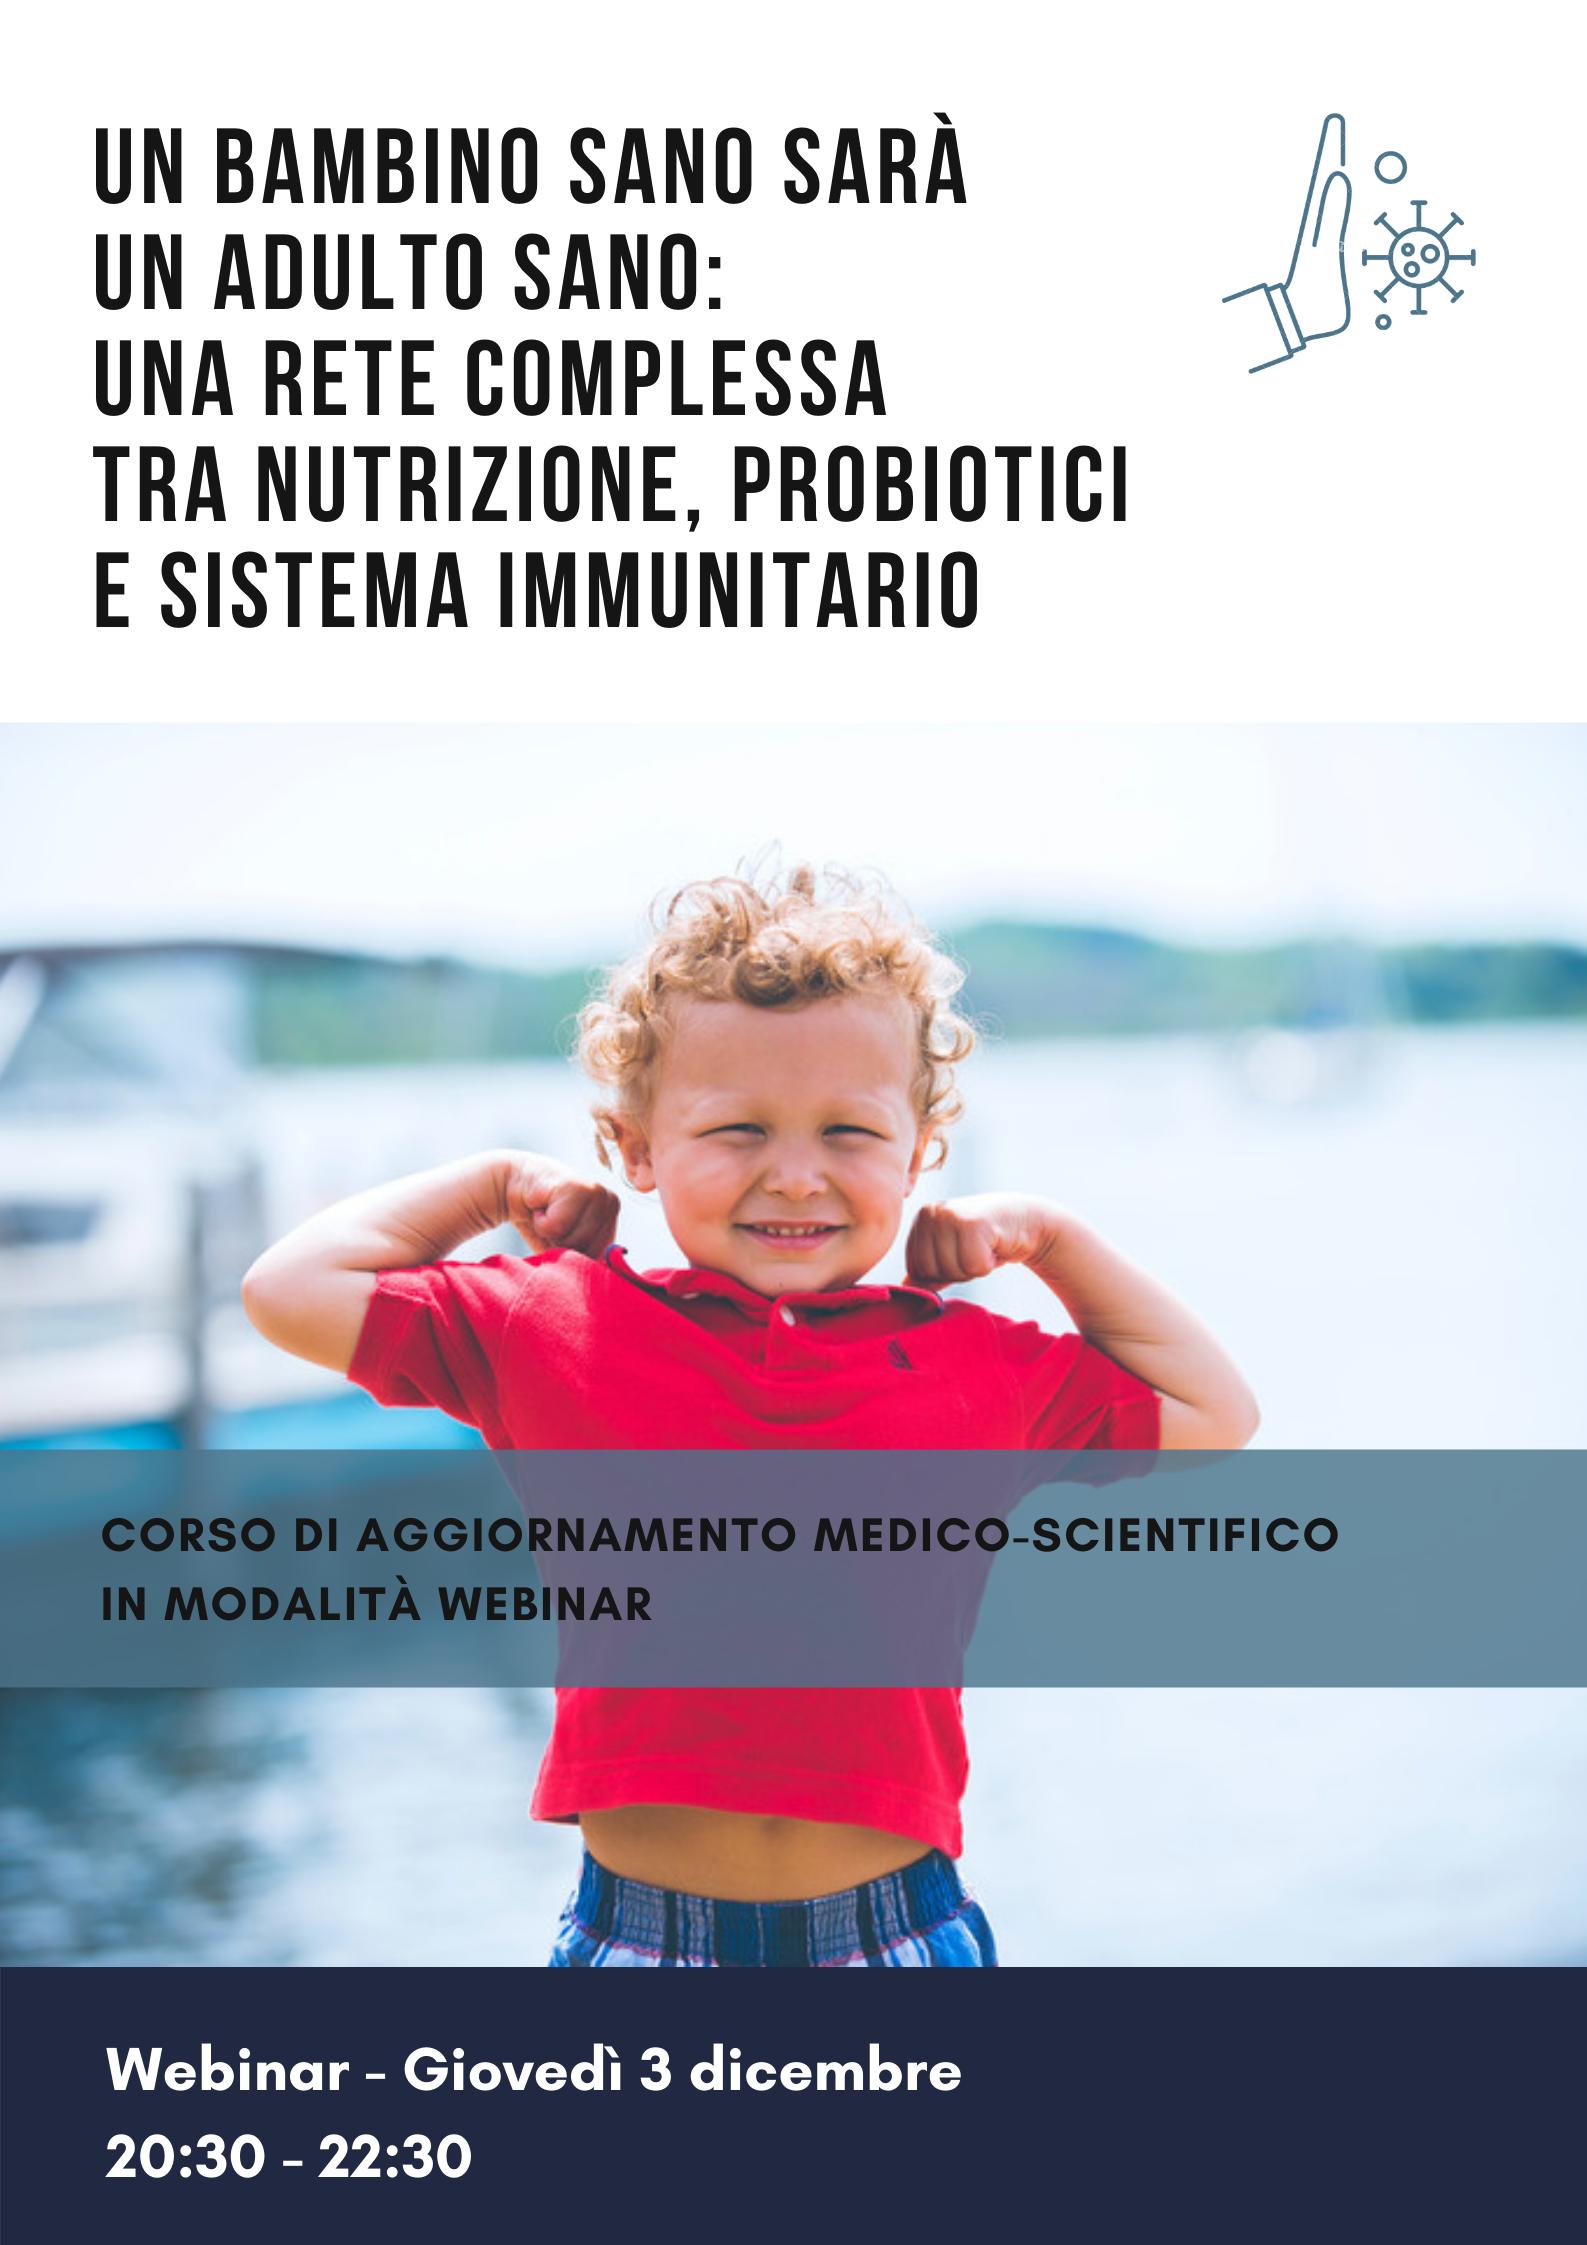 Un bambino sano sarà un adulto sano: una rete complessa tra nutrizione, probiotici e sistema immunitario 2